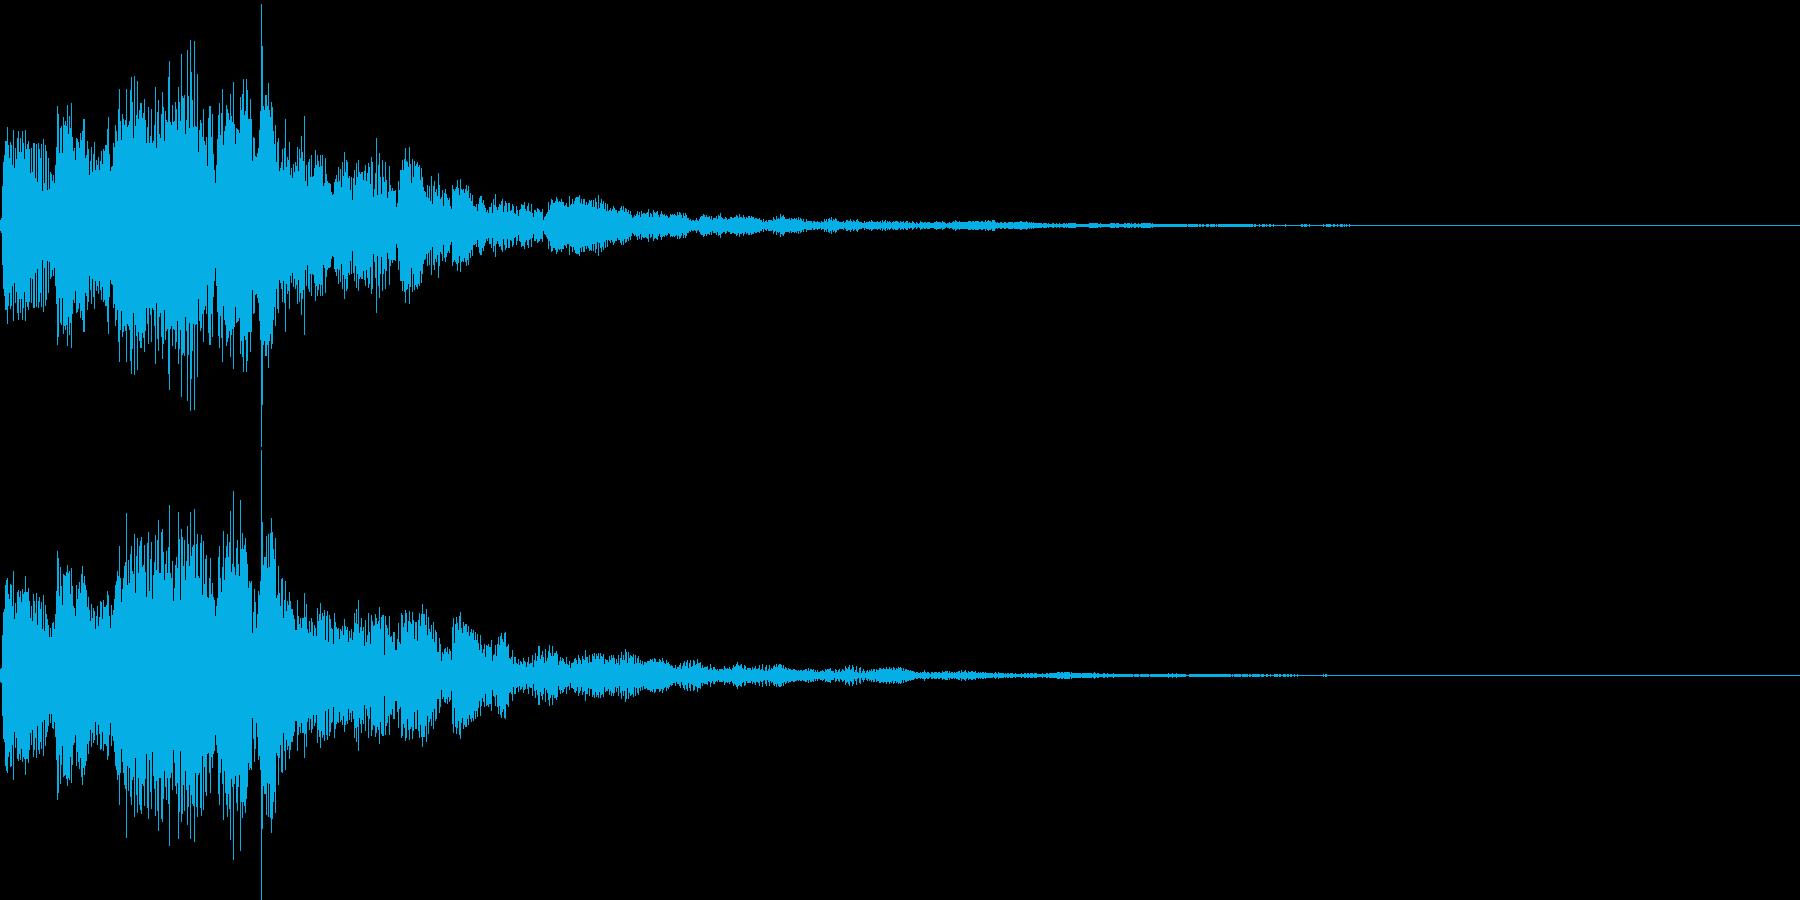 シャラララン(決定、レベルアップ、喜び)の再生済みの波形